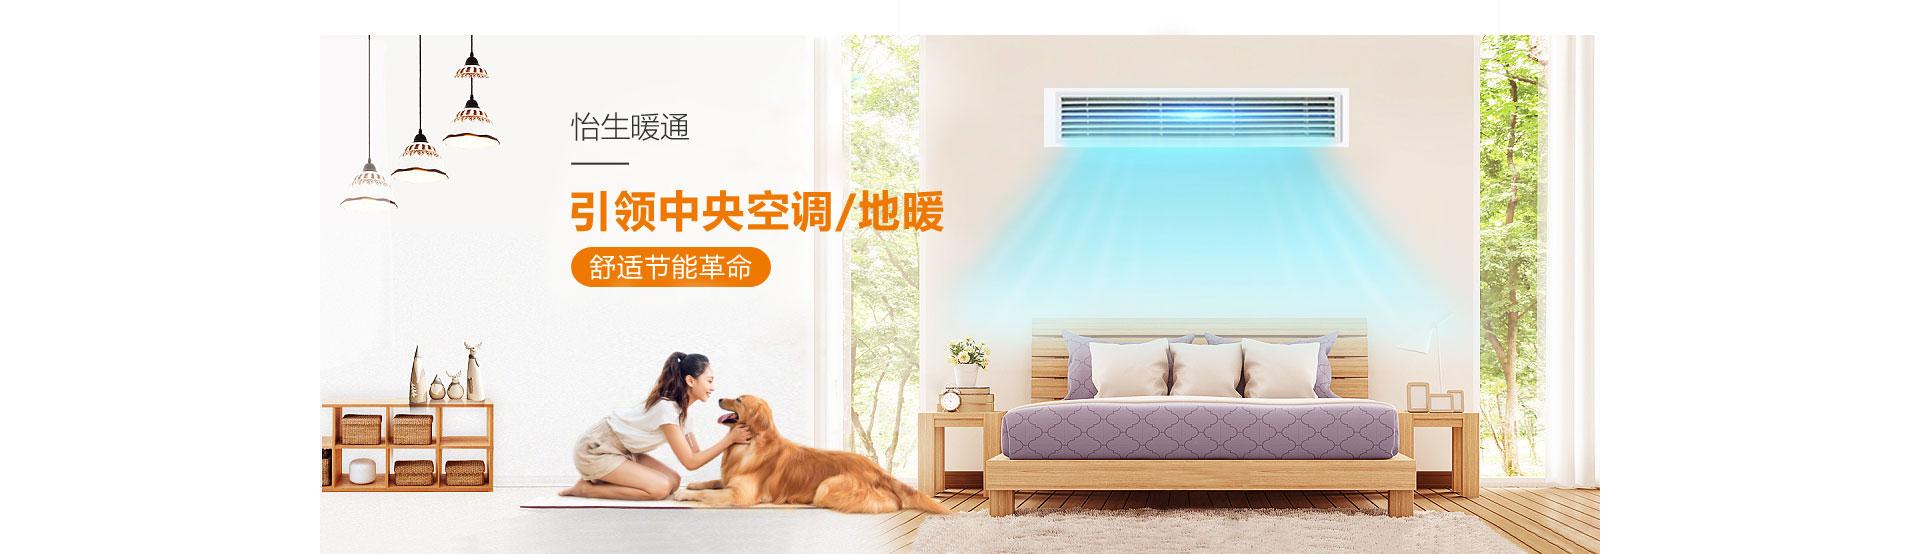 长沙中央空调,长沙中央空调安装,长沙家用中央空调